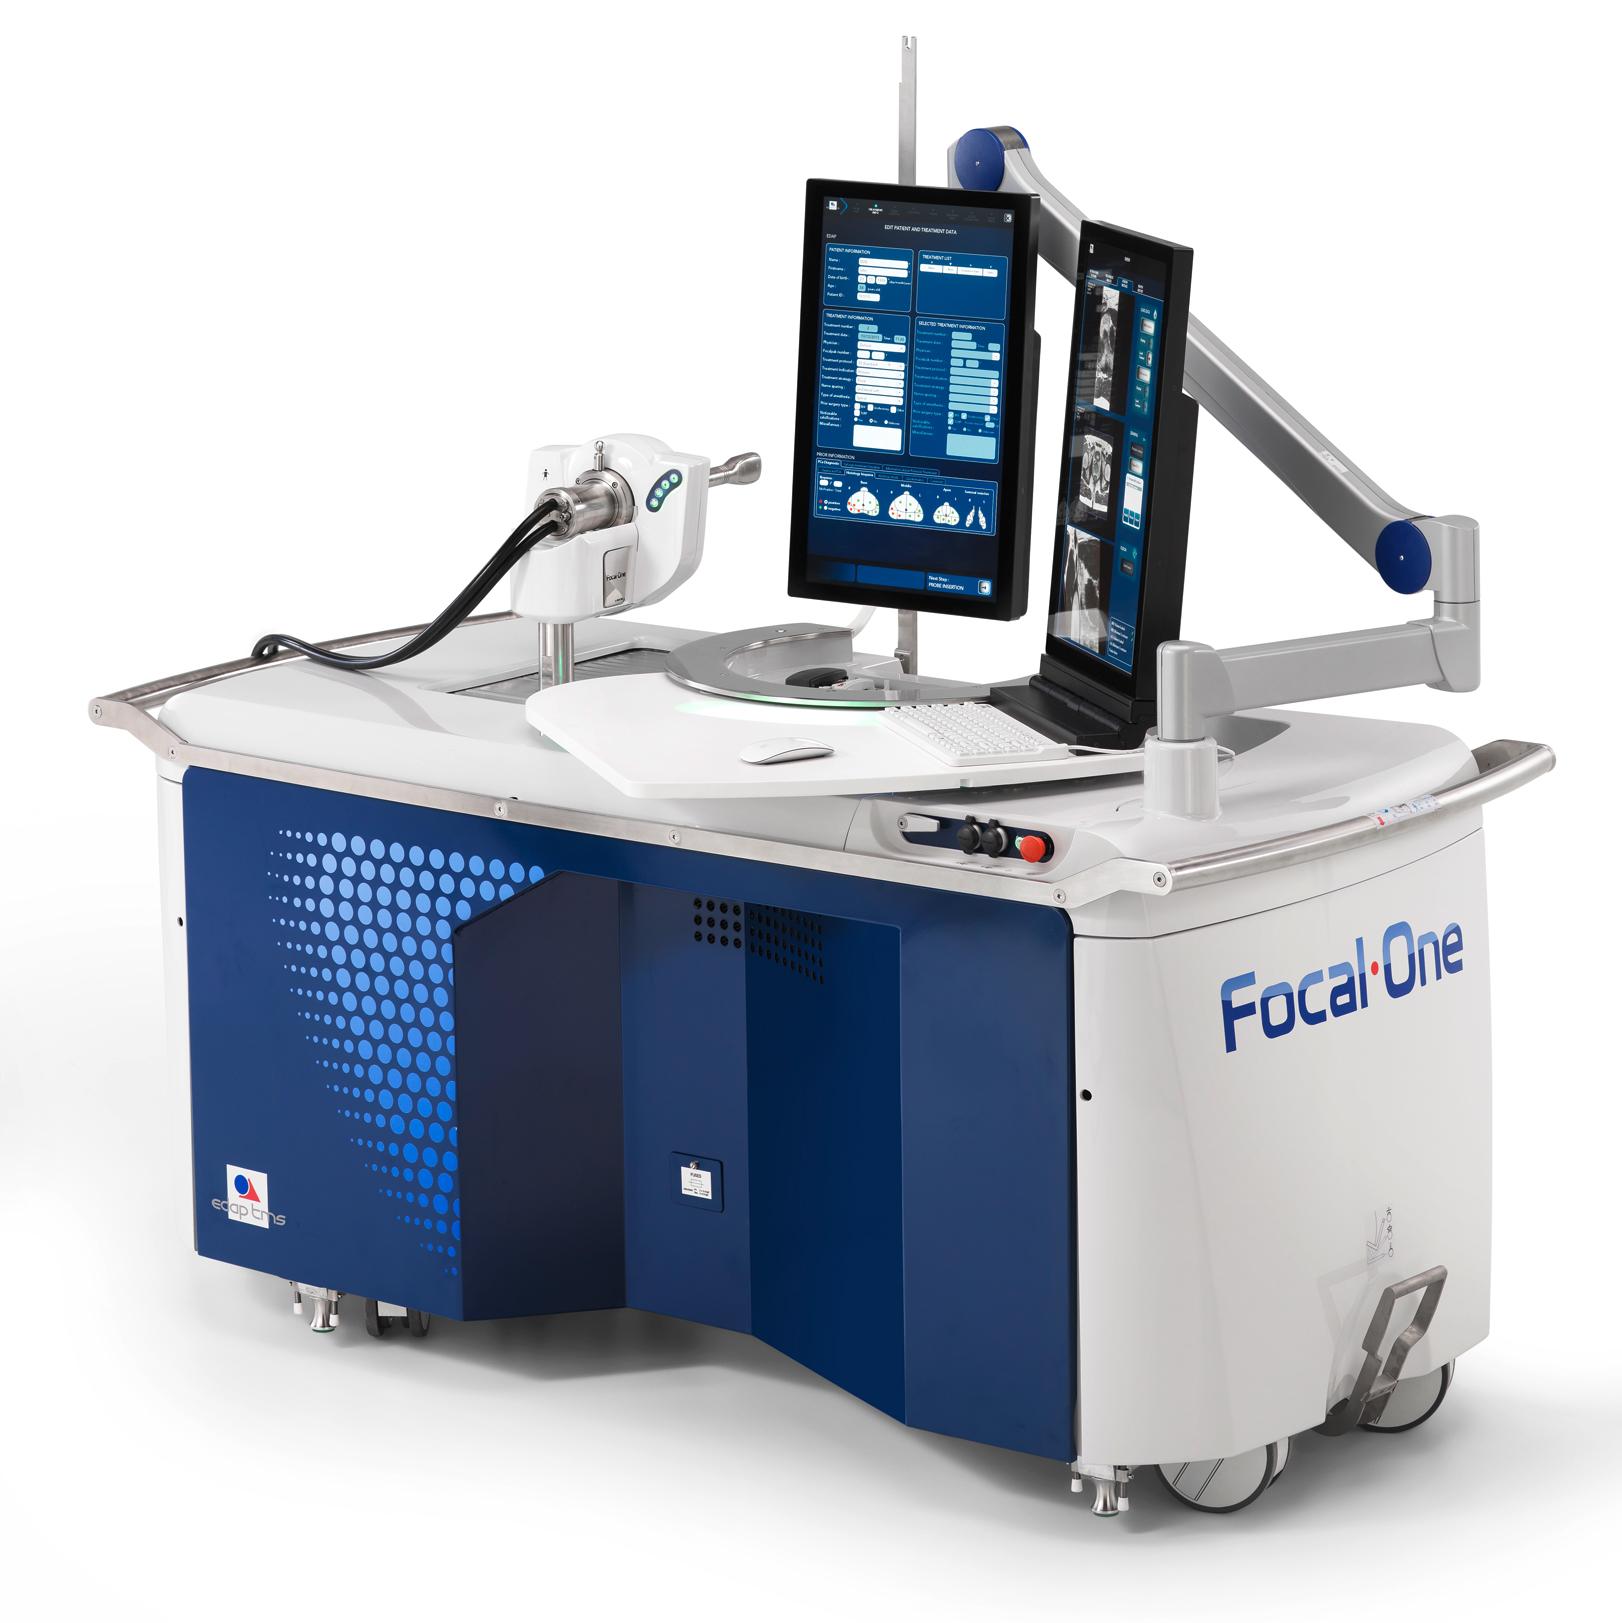 Schaubild eines OP-Roboters, des Focal One